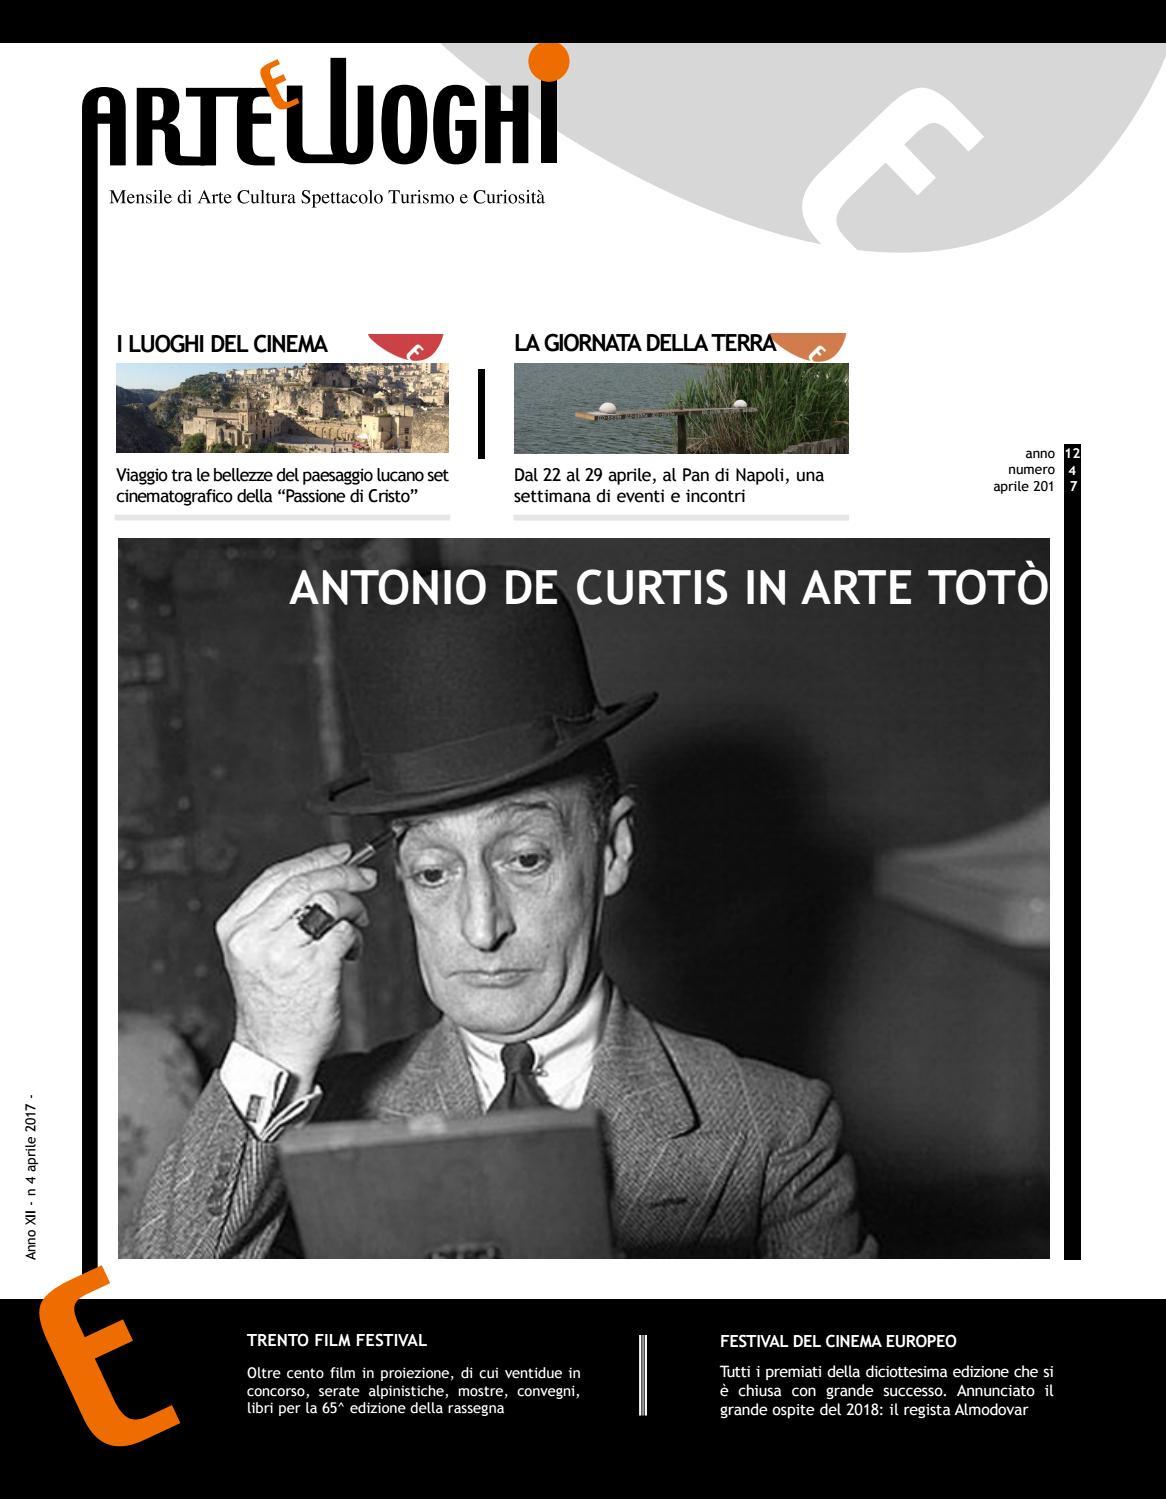 Arte e Luoghi aprile 2017 by arteeluoghi - issuu 3cf1a79d1f4